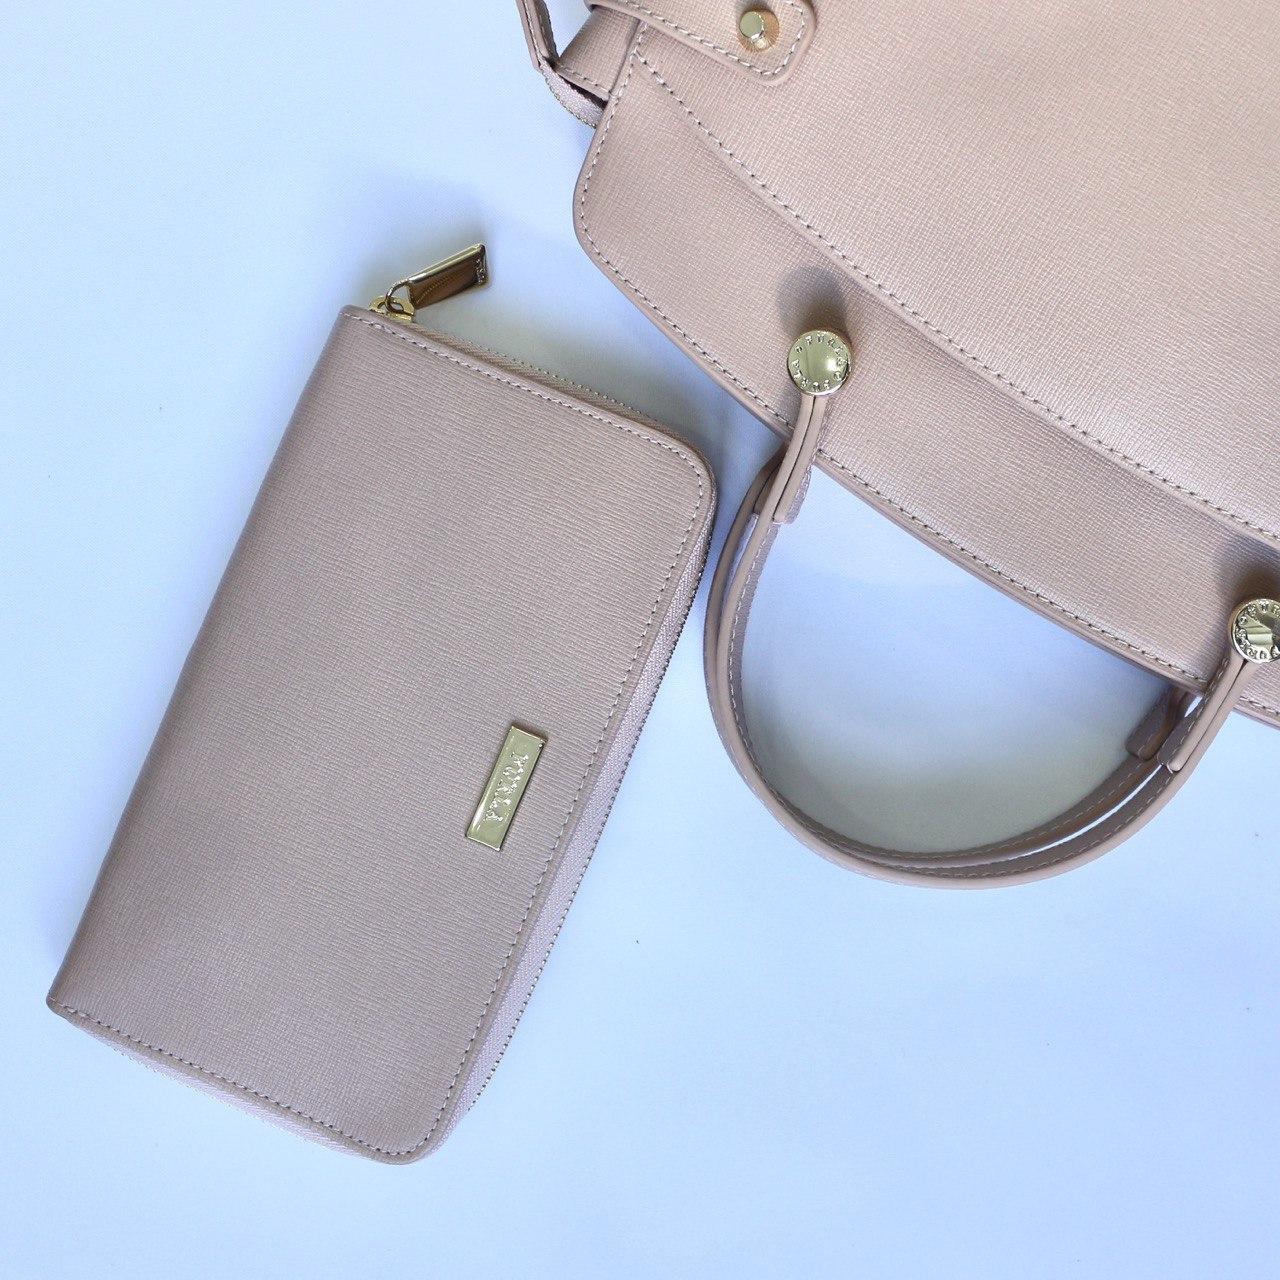 Кошелек FURLA B30 classic zip Moonstone розовый кожаный женский